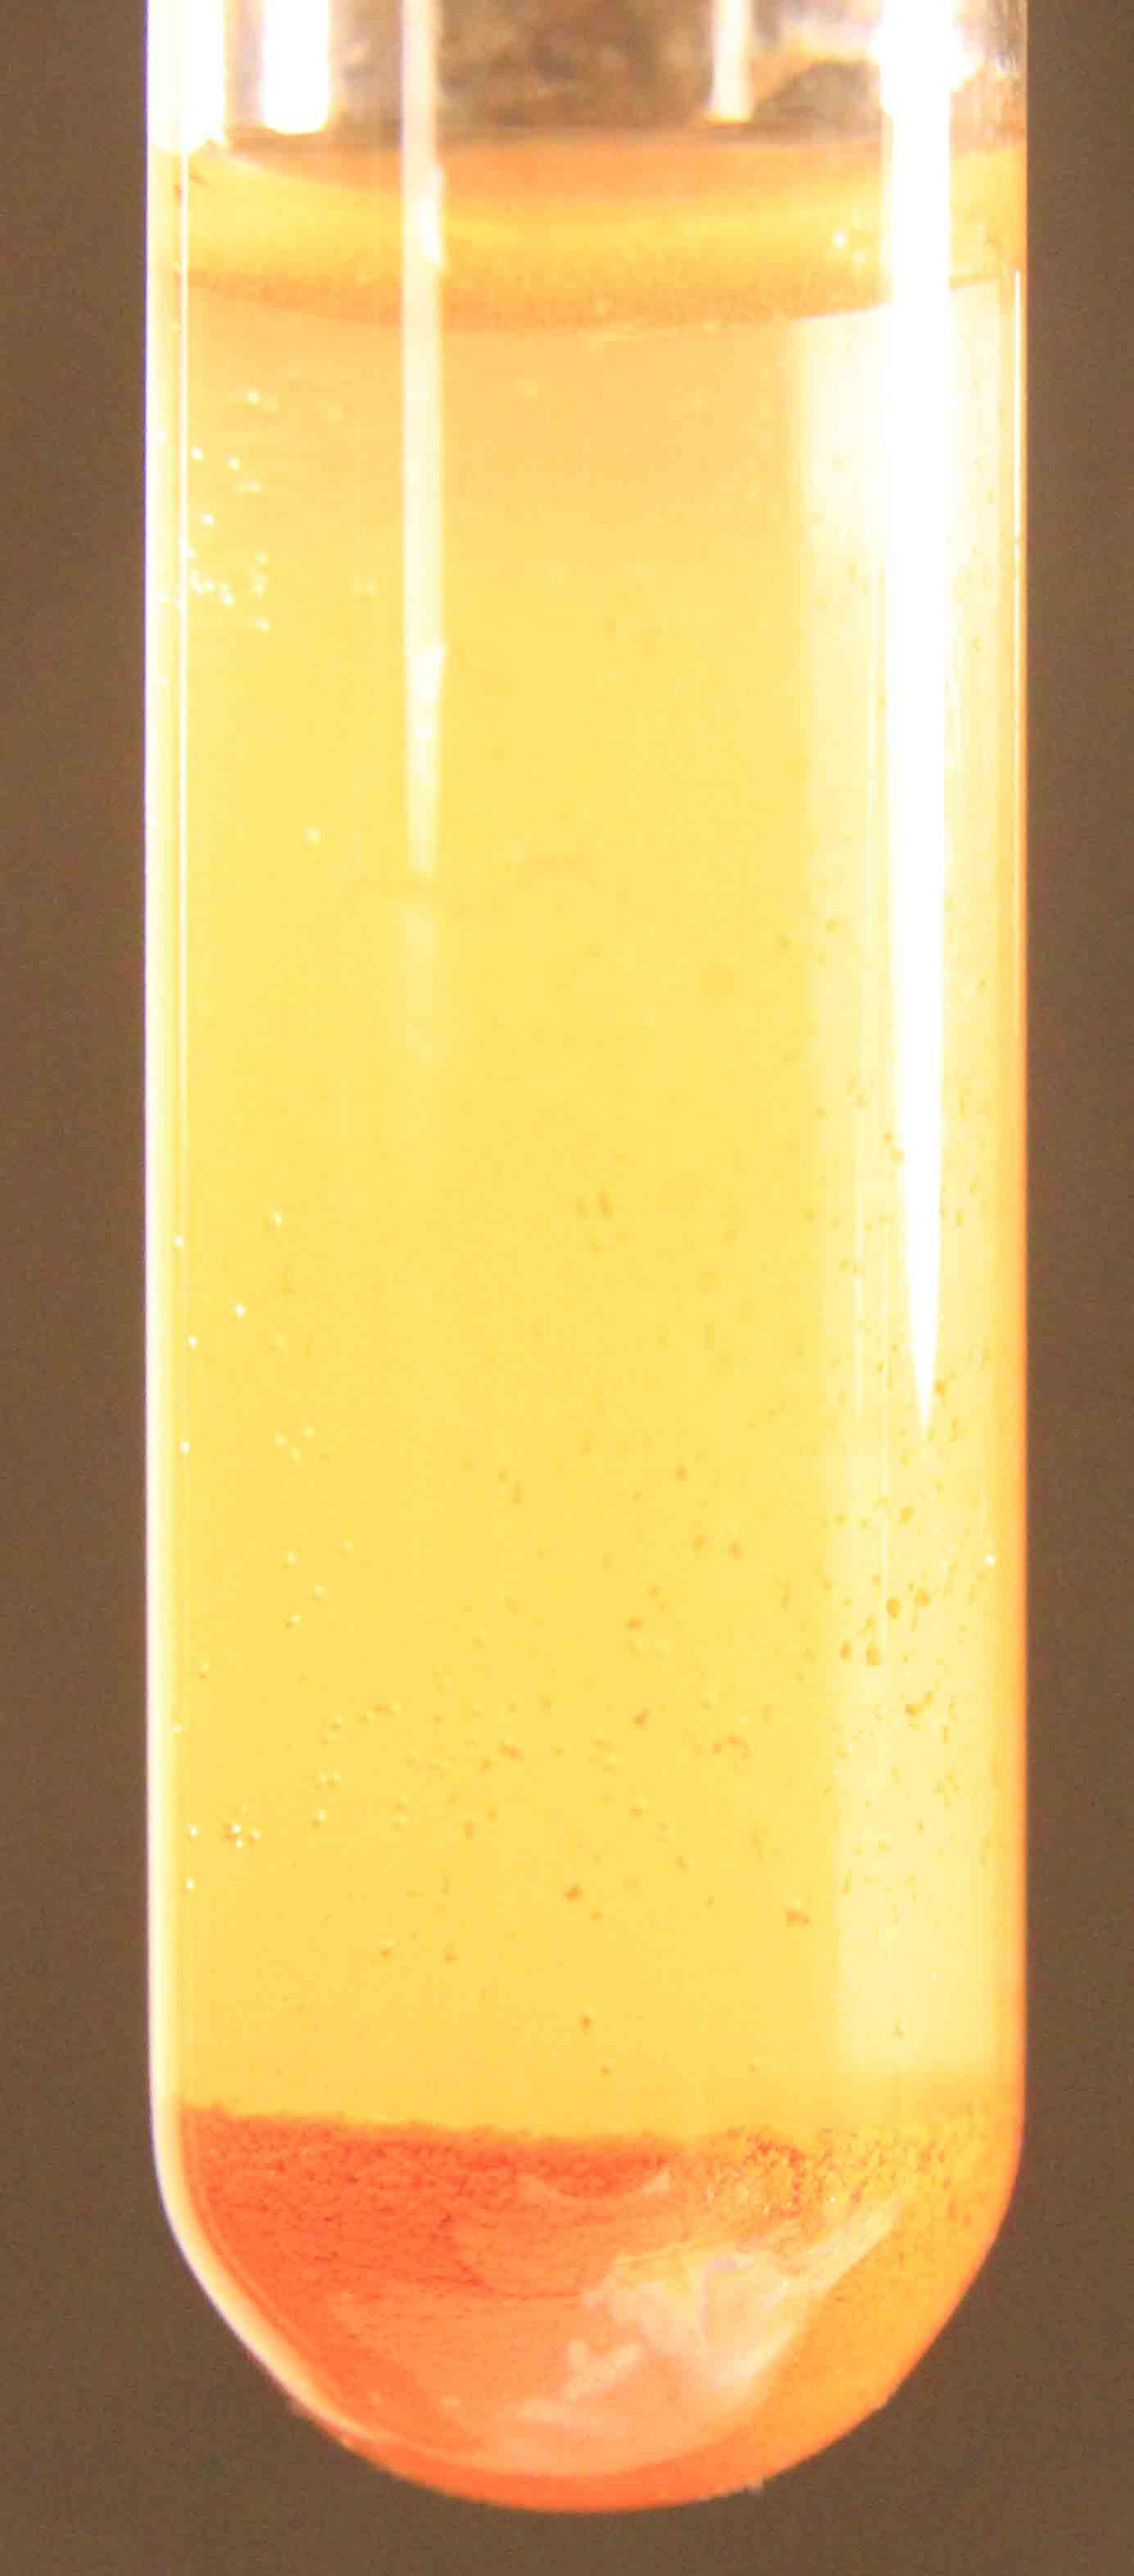 Untitled Document wwwheuremacom